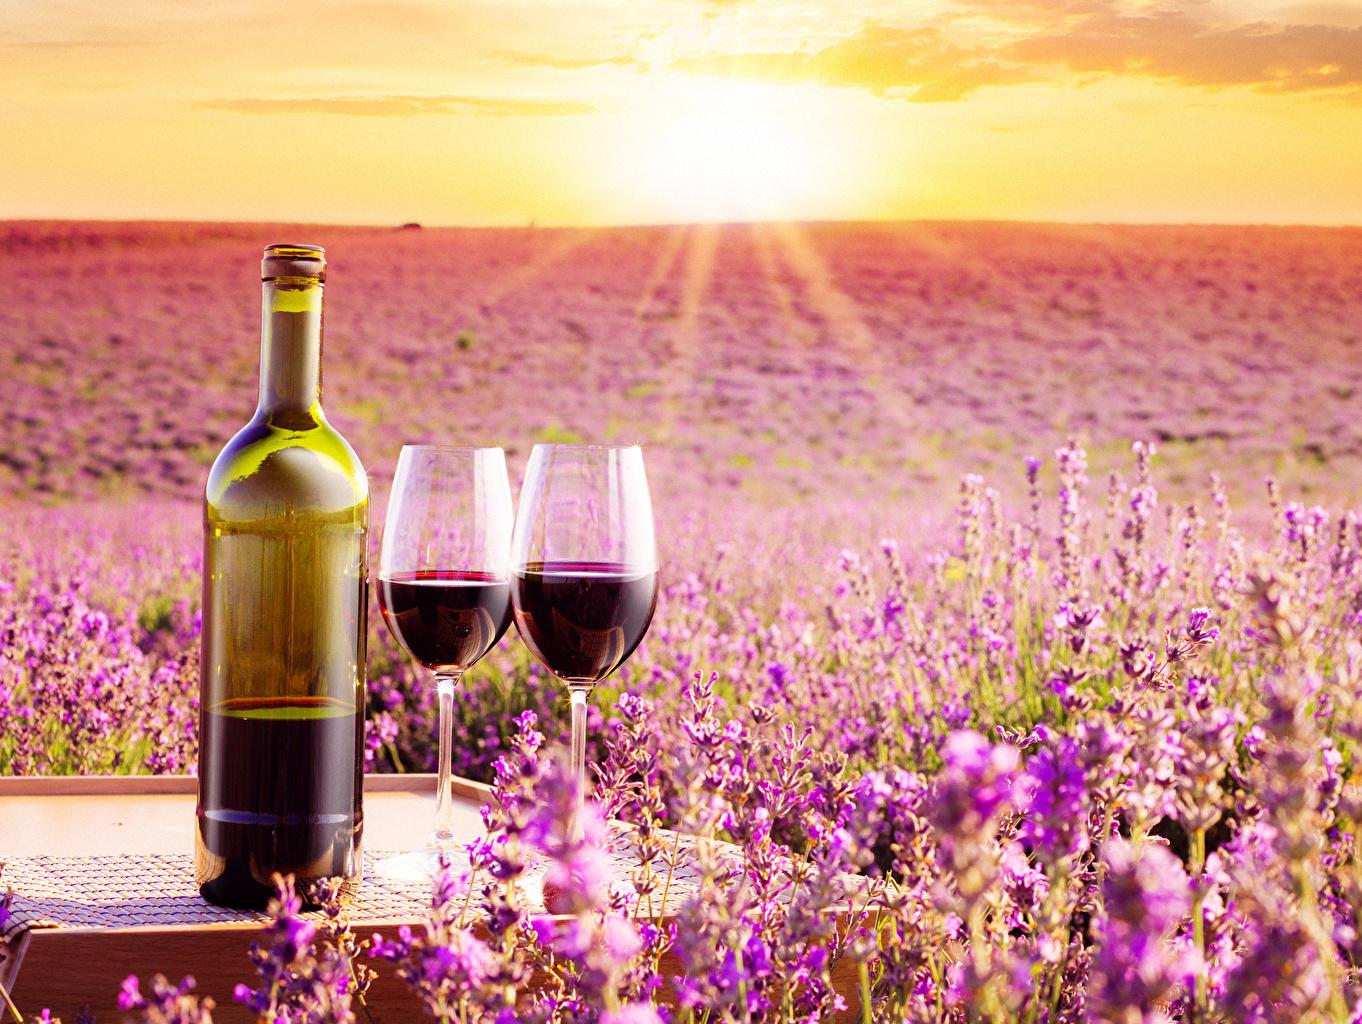 Картинки Двое Вино Лаванда Рассветы и закаты Еда Бокалы Бутылка 2 вдвоем Пища Продукты питания